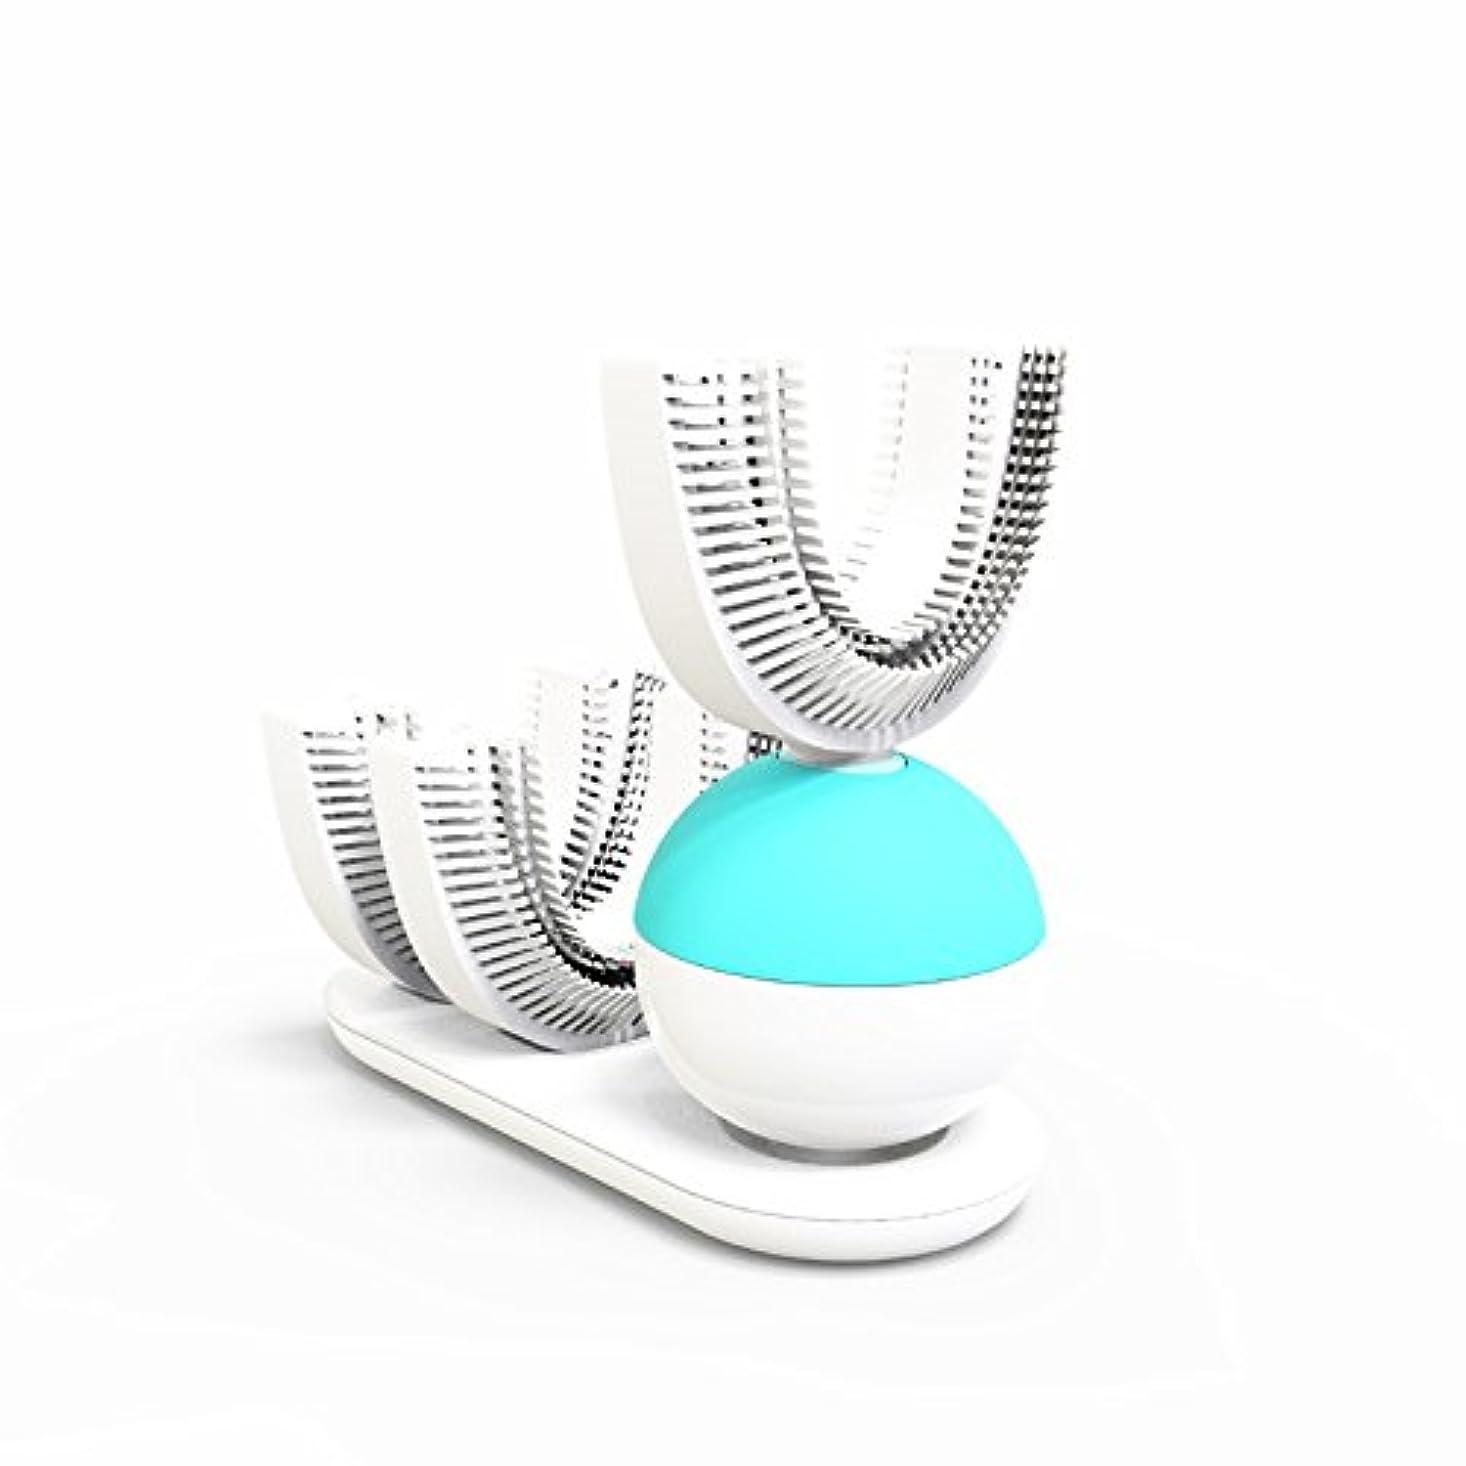 サンダースクラックポット付ける怠け者牙刷-電動 U型 超音波 専門370°全方位 自動歯ブラシ ワイヤレス充電 成人 怠け者 ユニークなU字型のマウスピース わずか10秒で歯磨き 自動バブル 2本の歯ブラシヘッド付き あなたの手を解放 磁気吸引接続...